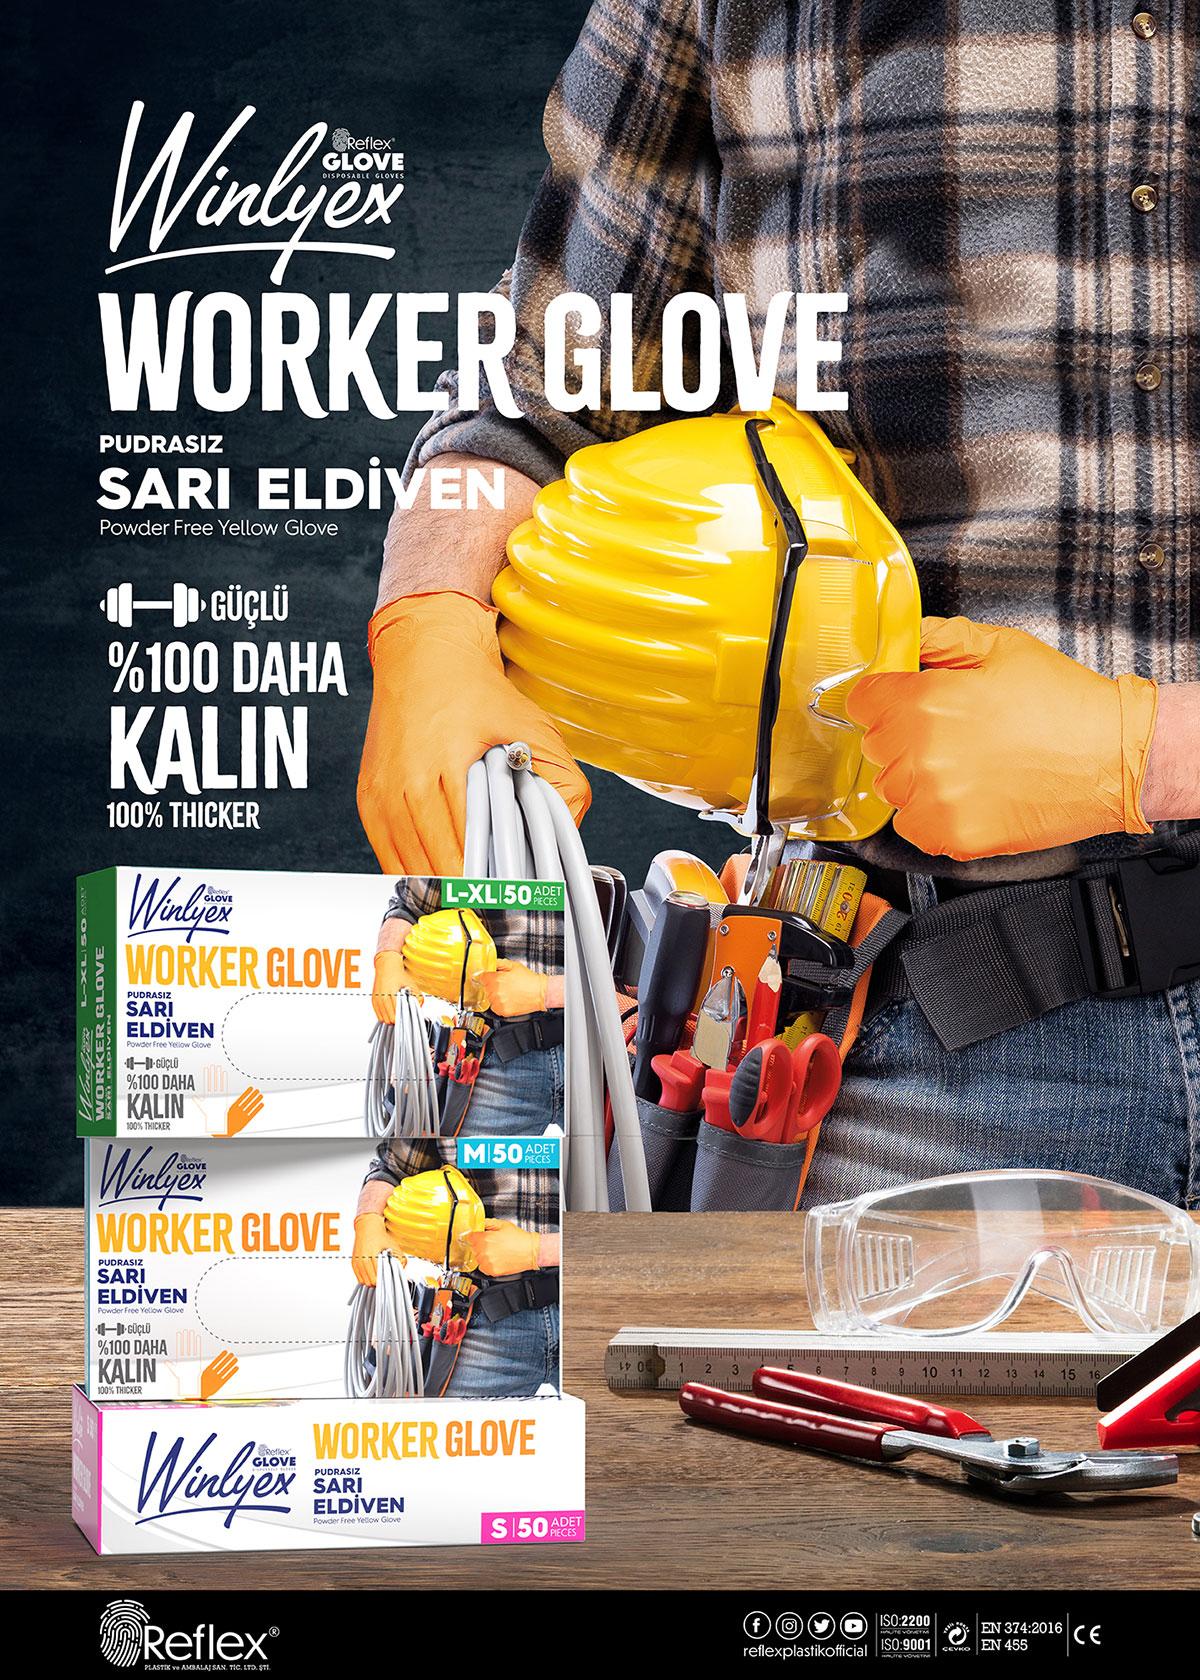 Reflex Winlyex Worker Glove Eldiven